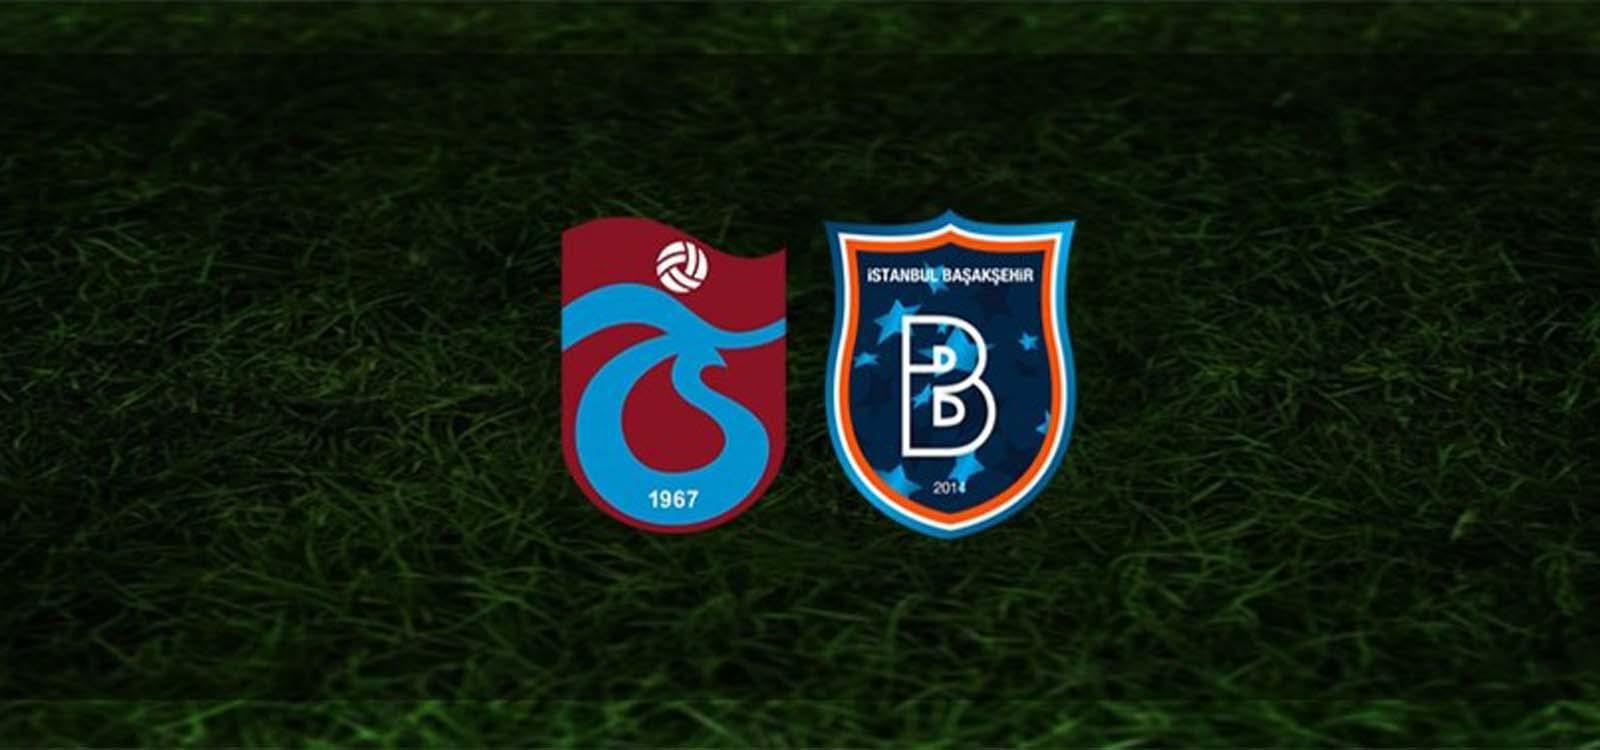 Trabzonspor - Başakşehir hazırlık maçı canlı izle | A Spor canlı yayın izle linki